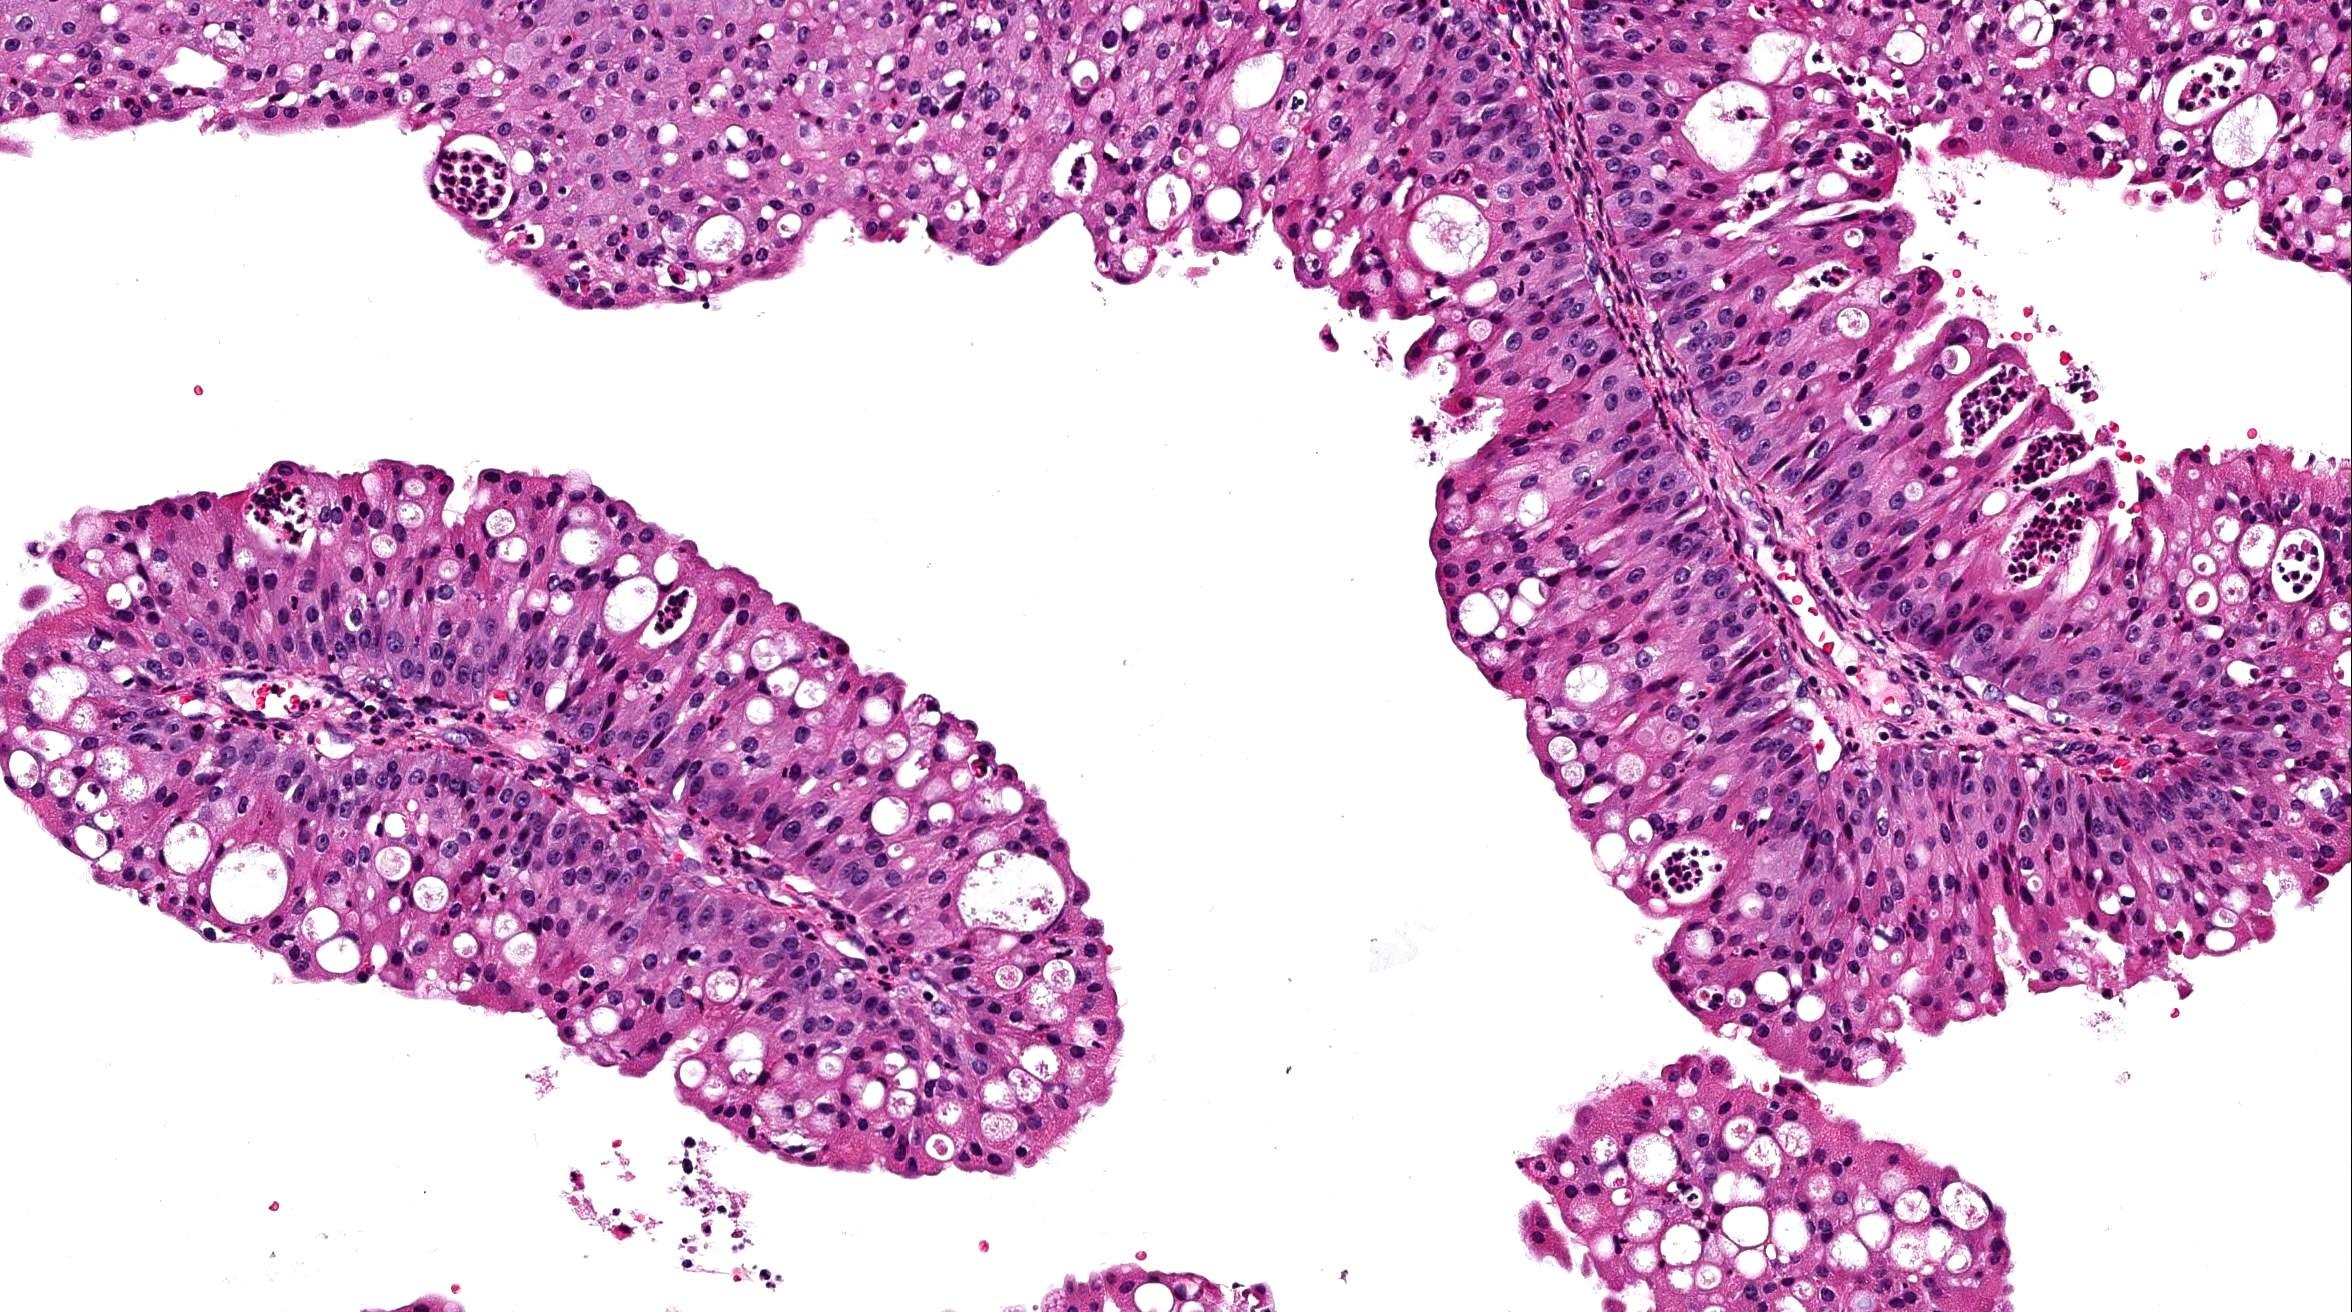 schneiderian papilloma histopathology)